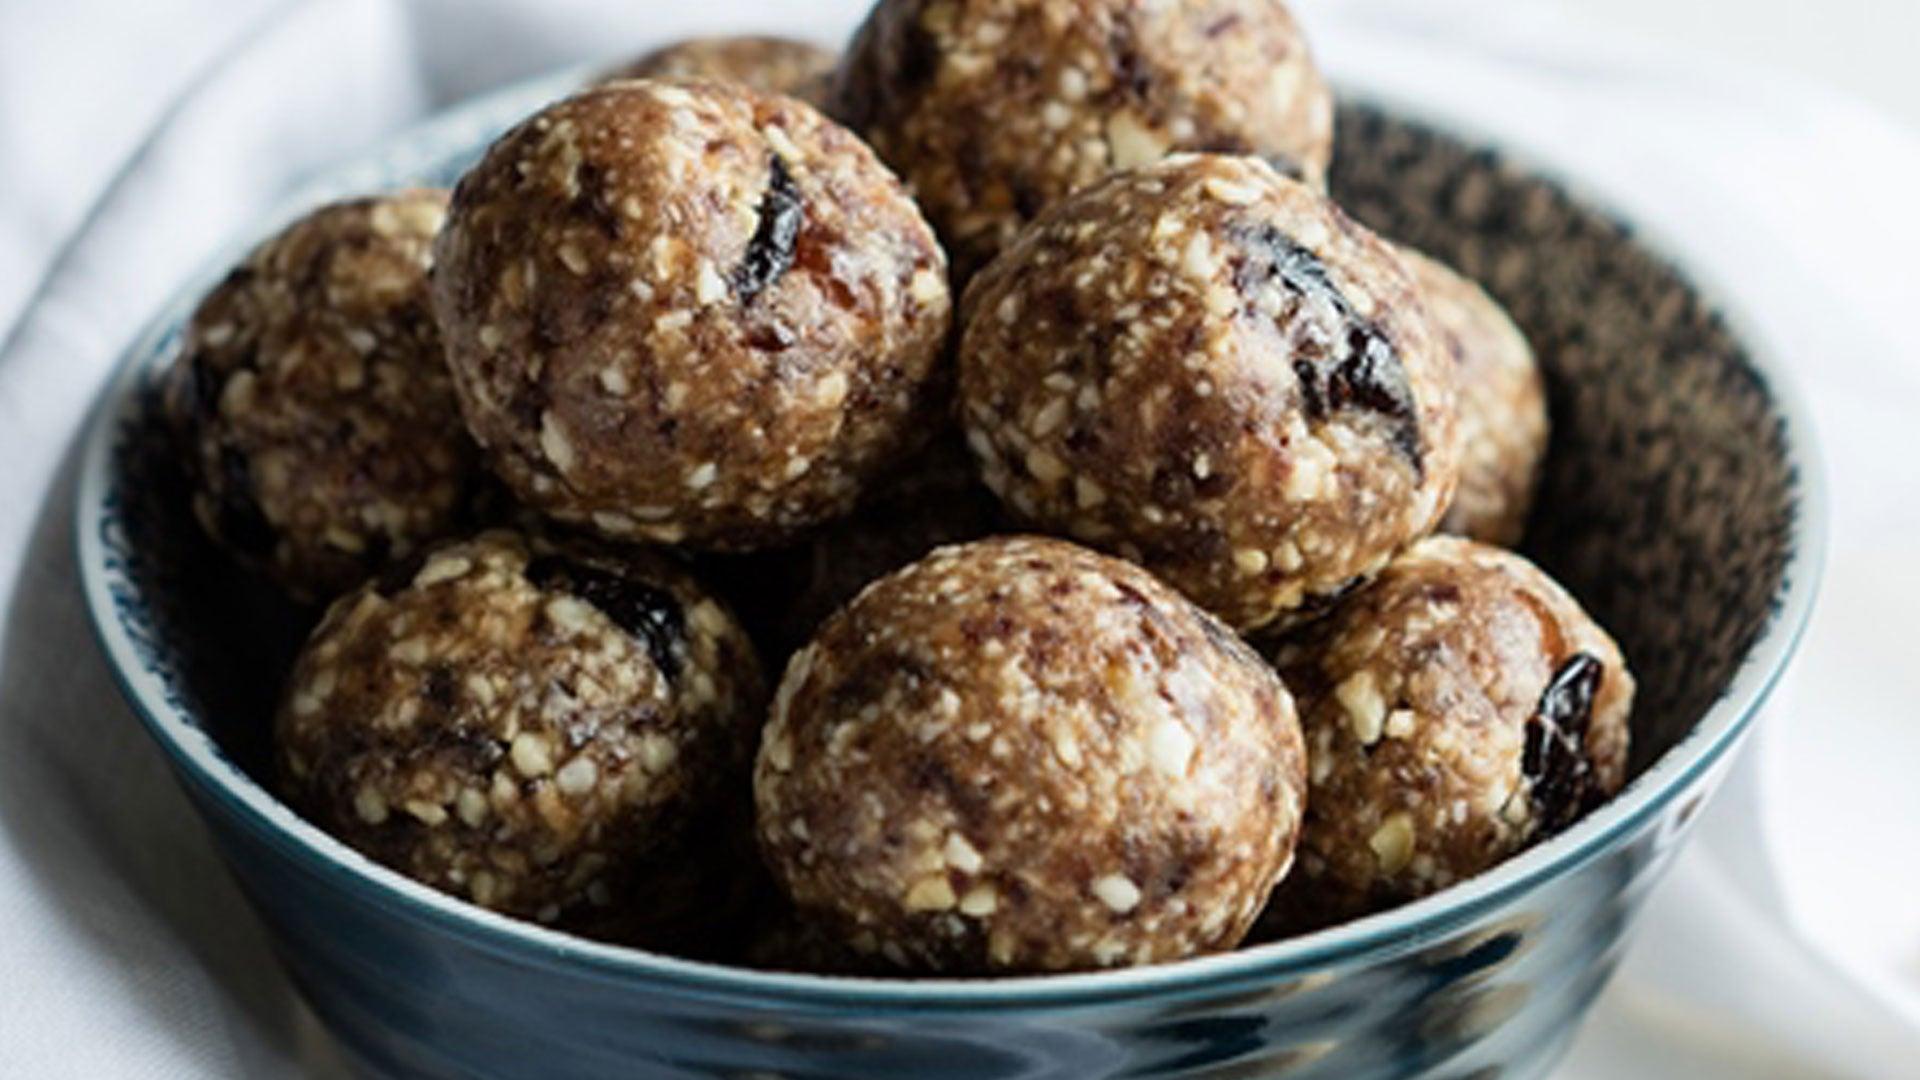 Ginger & Cashew Nut Energy Balls